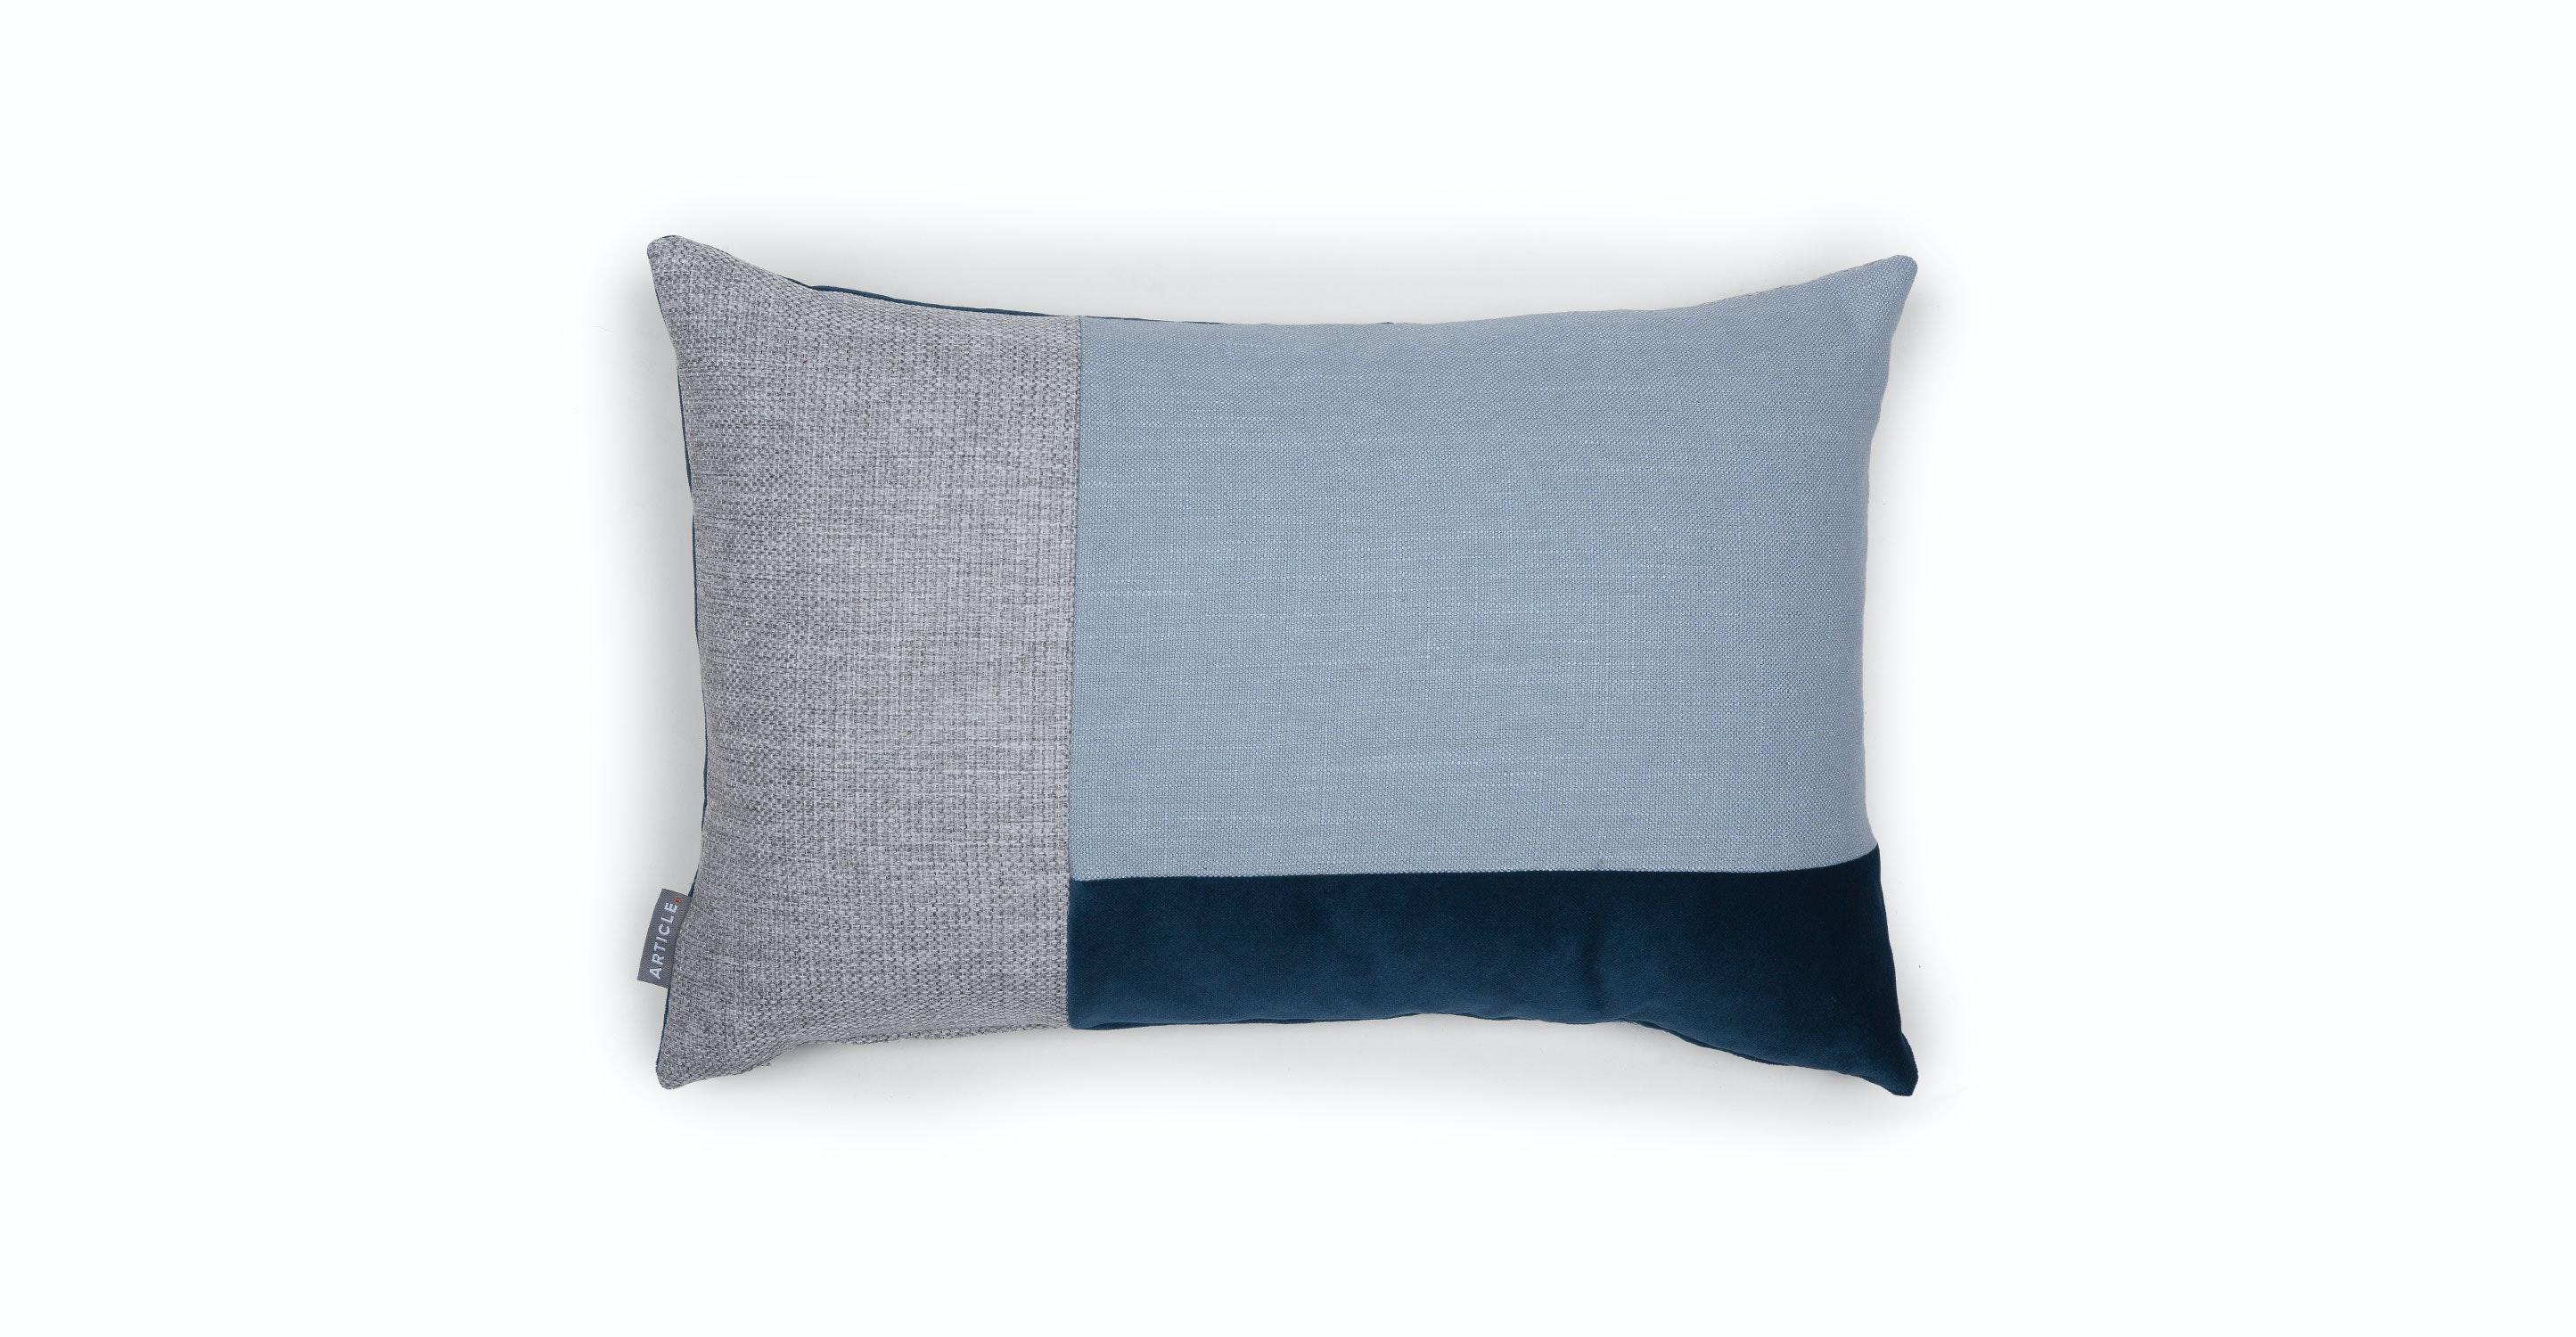 Velu Blue / Gray Rectangular Pillow - Pillows - Article Modern, Mid-Century and Scandinavian ...